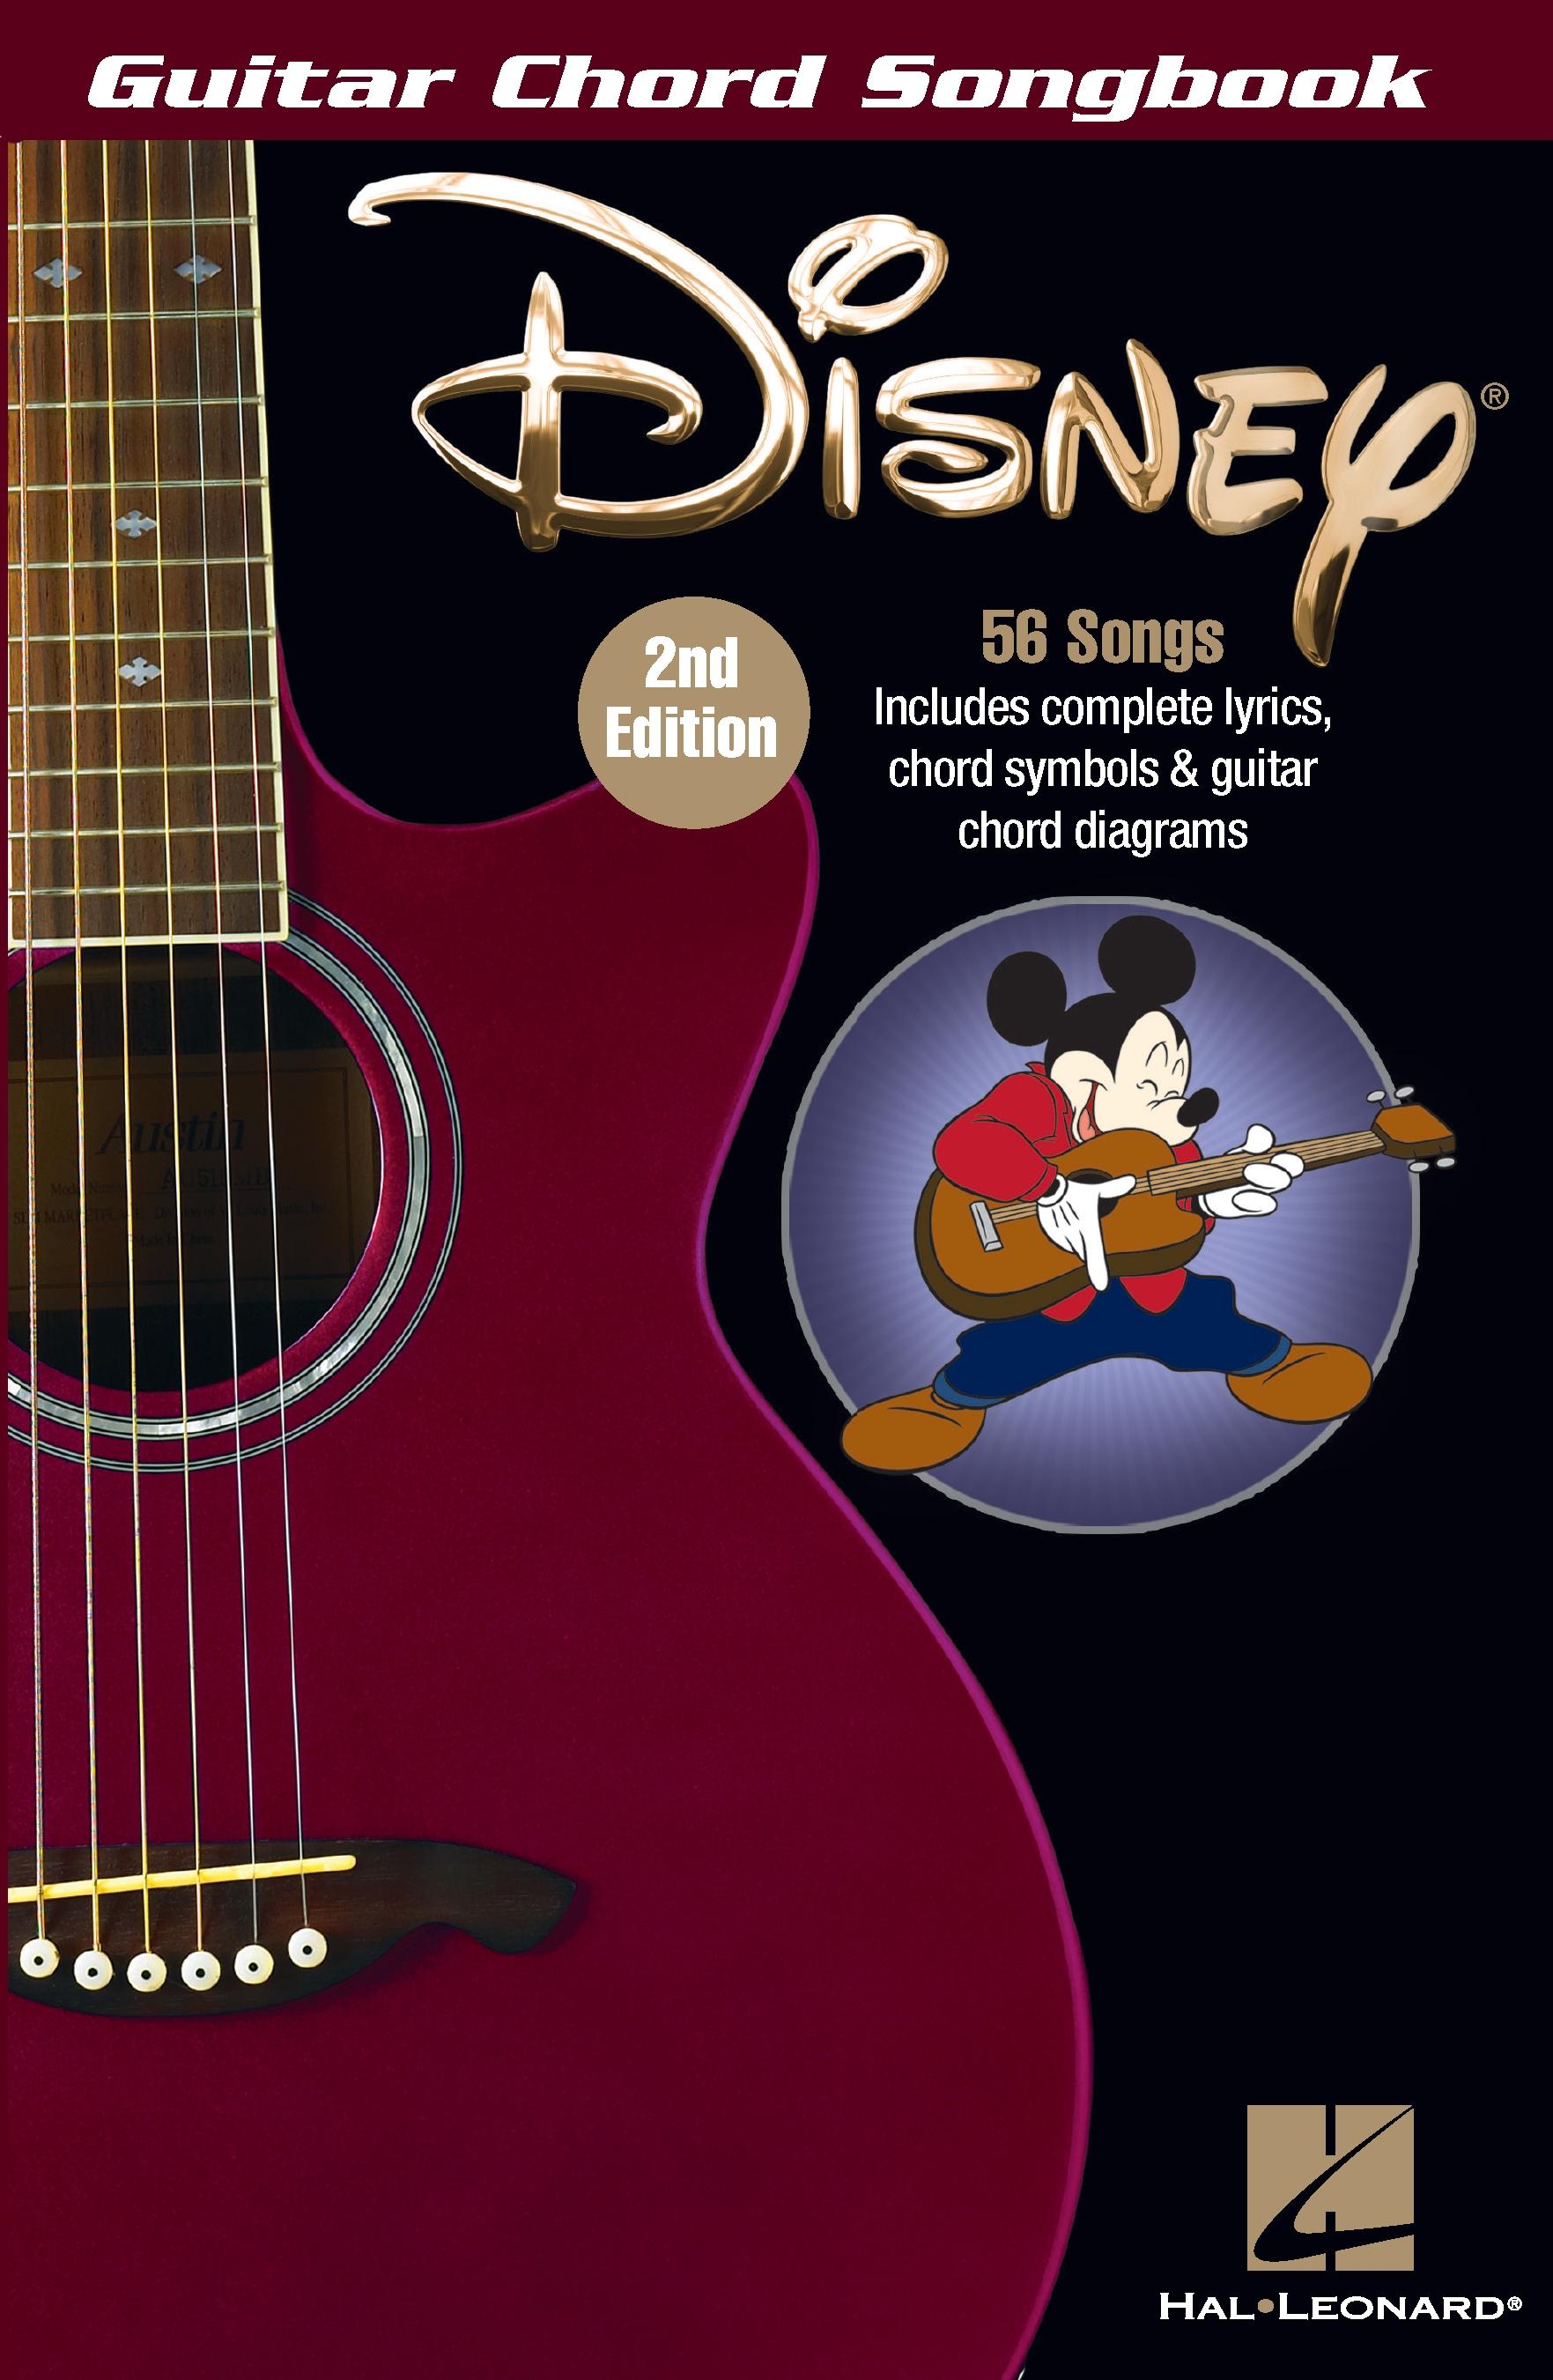 Disney Guitar Chord Songbook